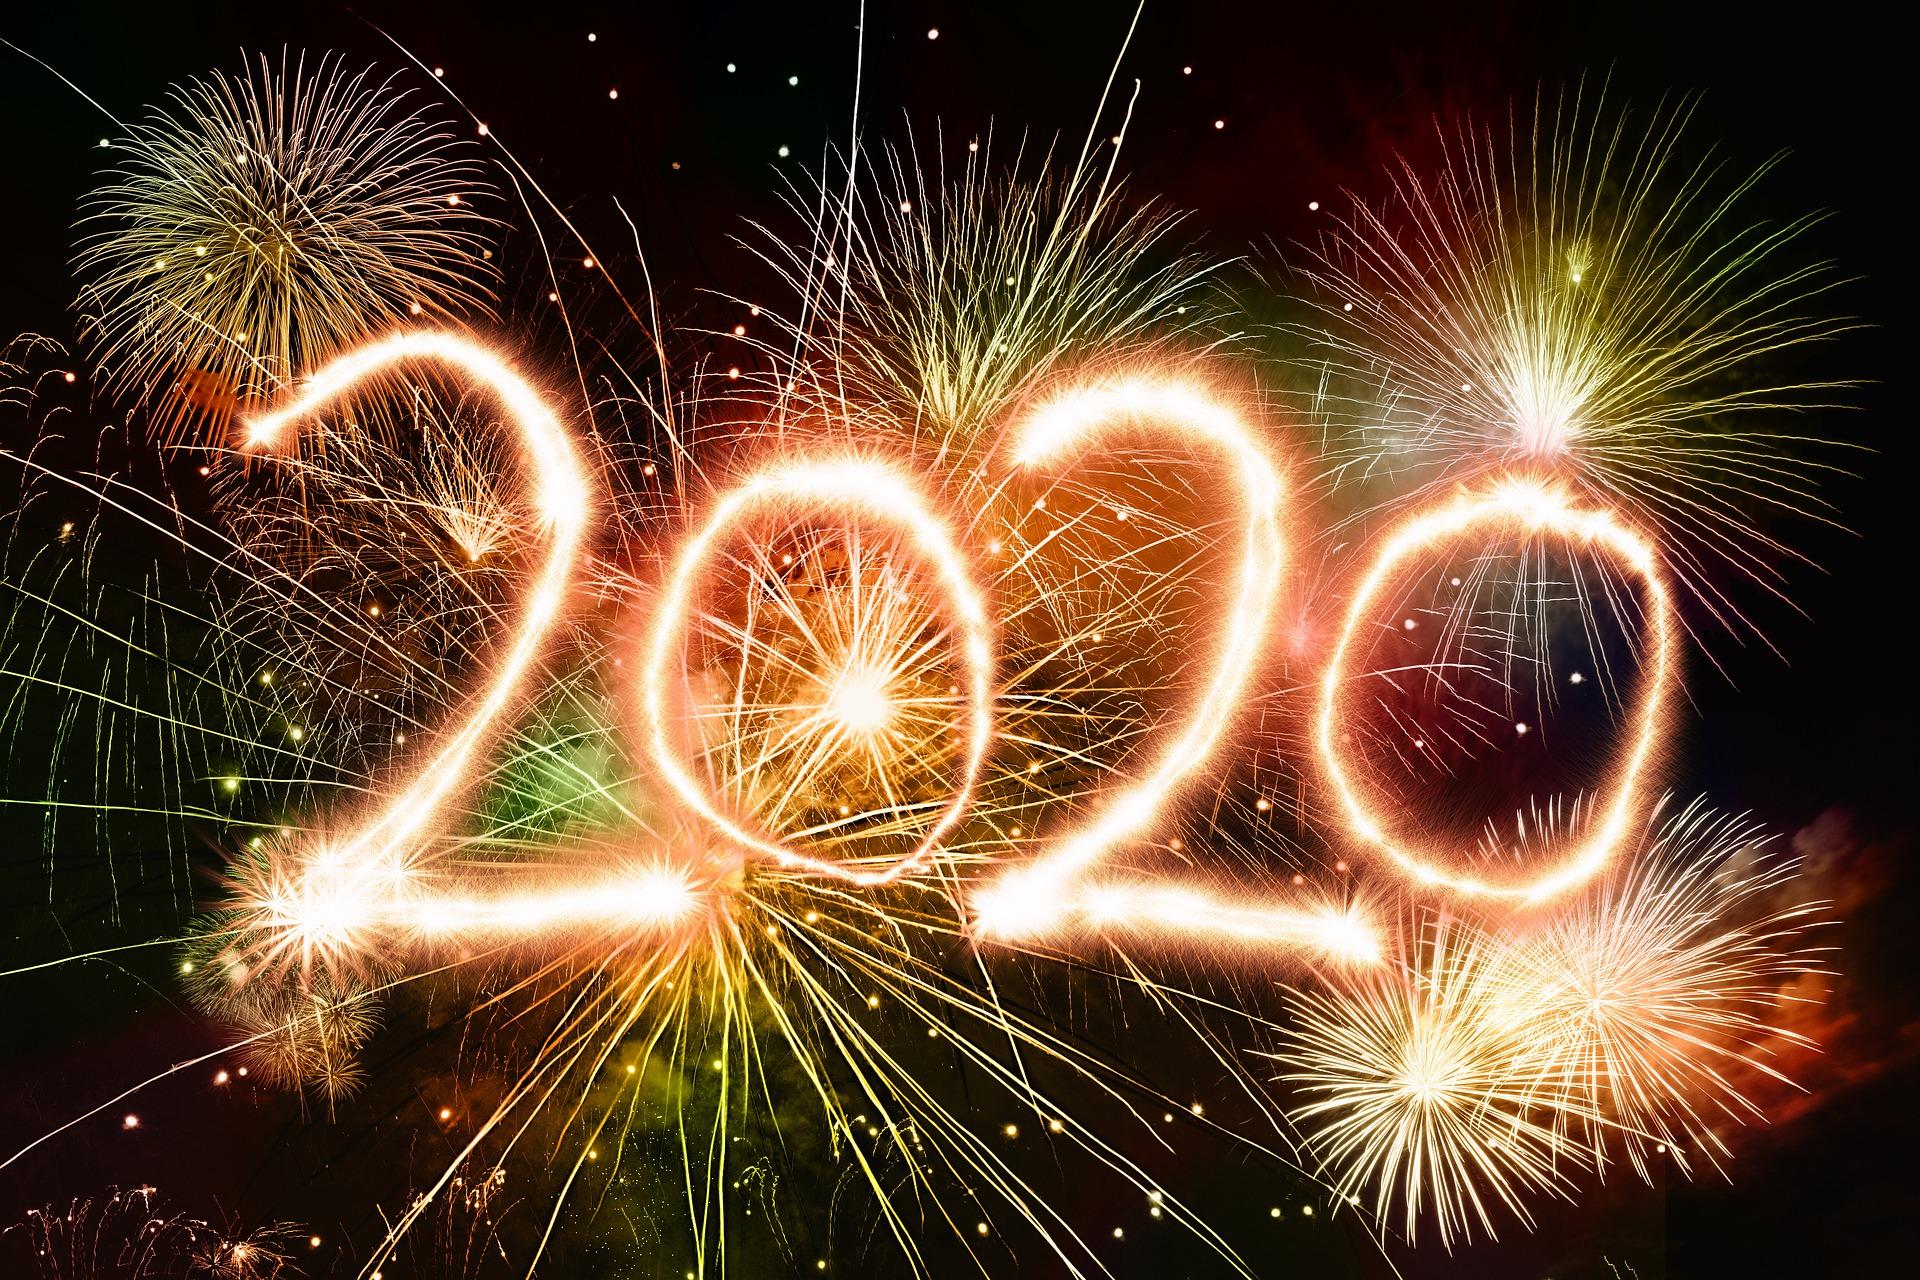 2020 Image